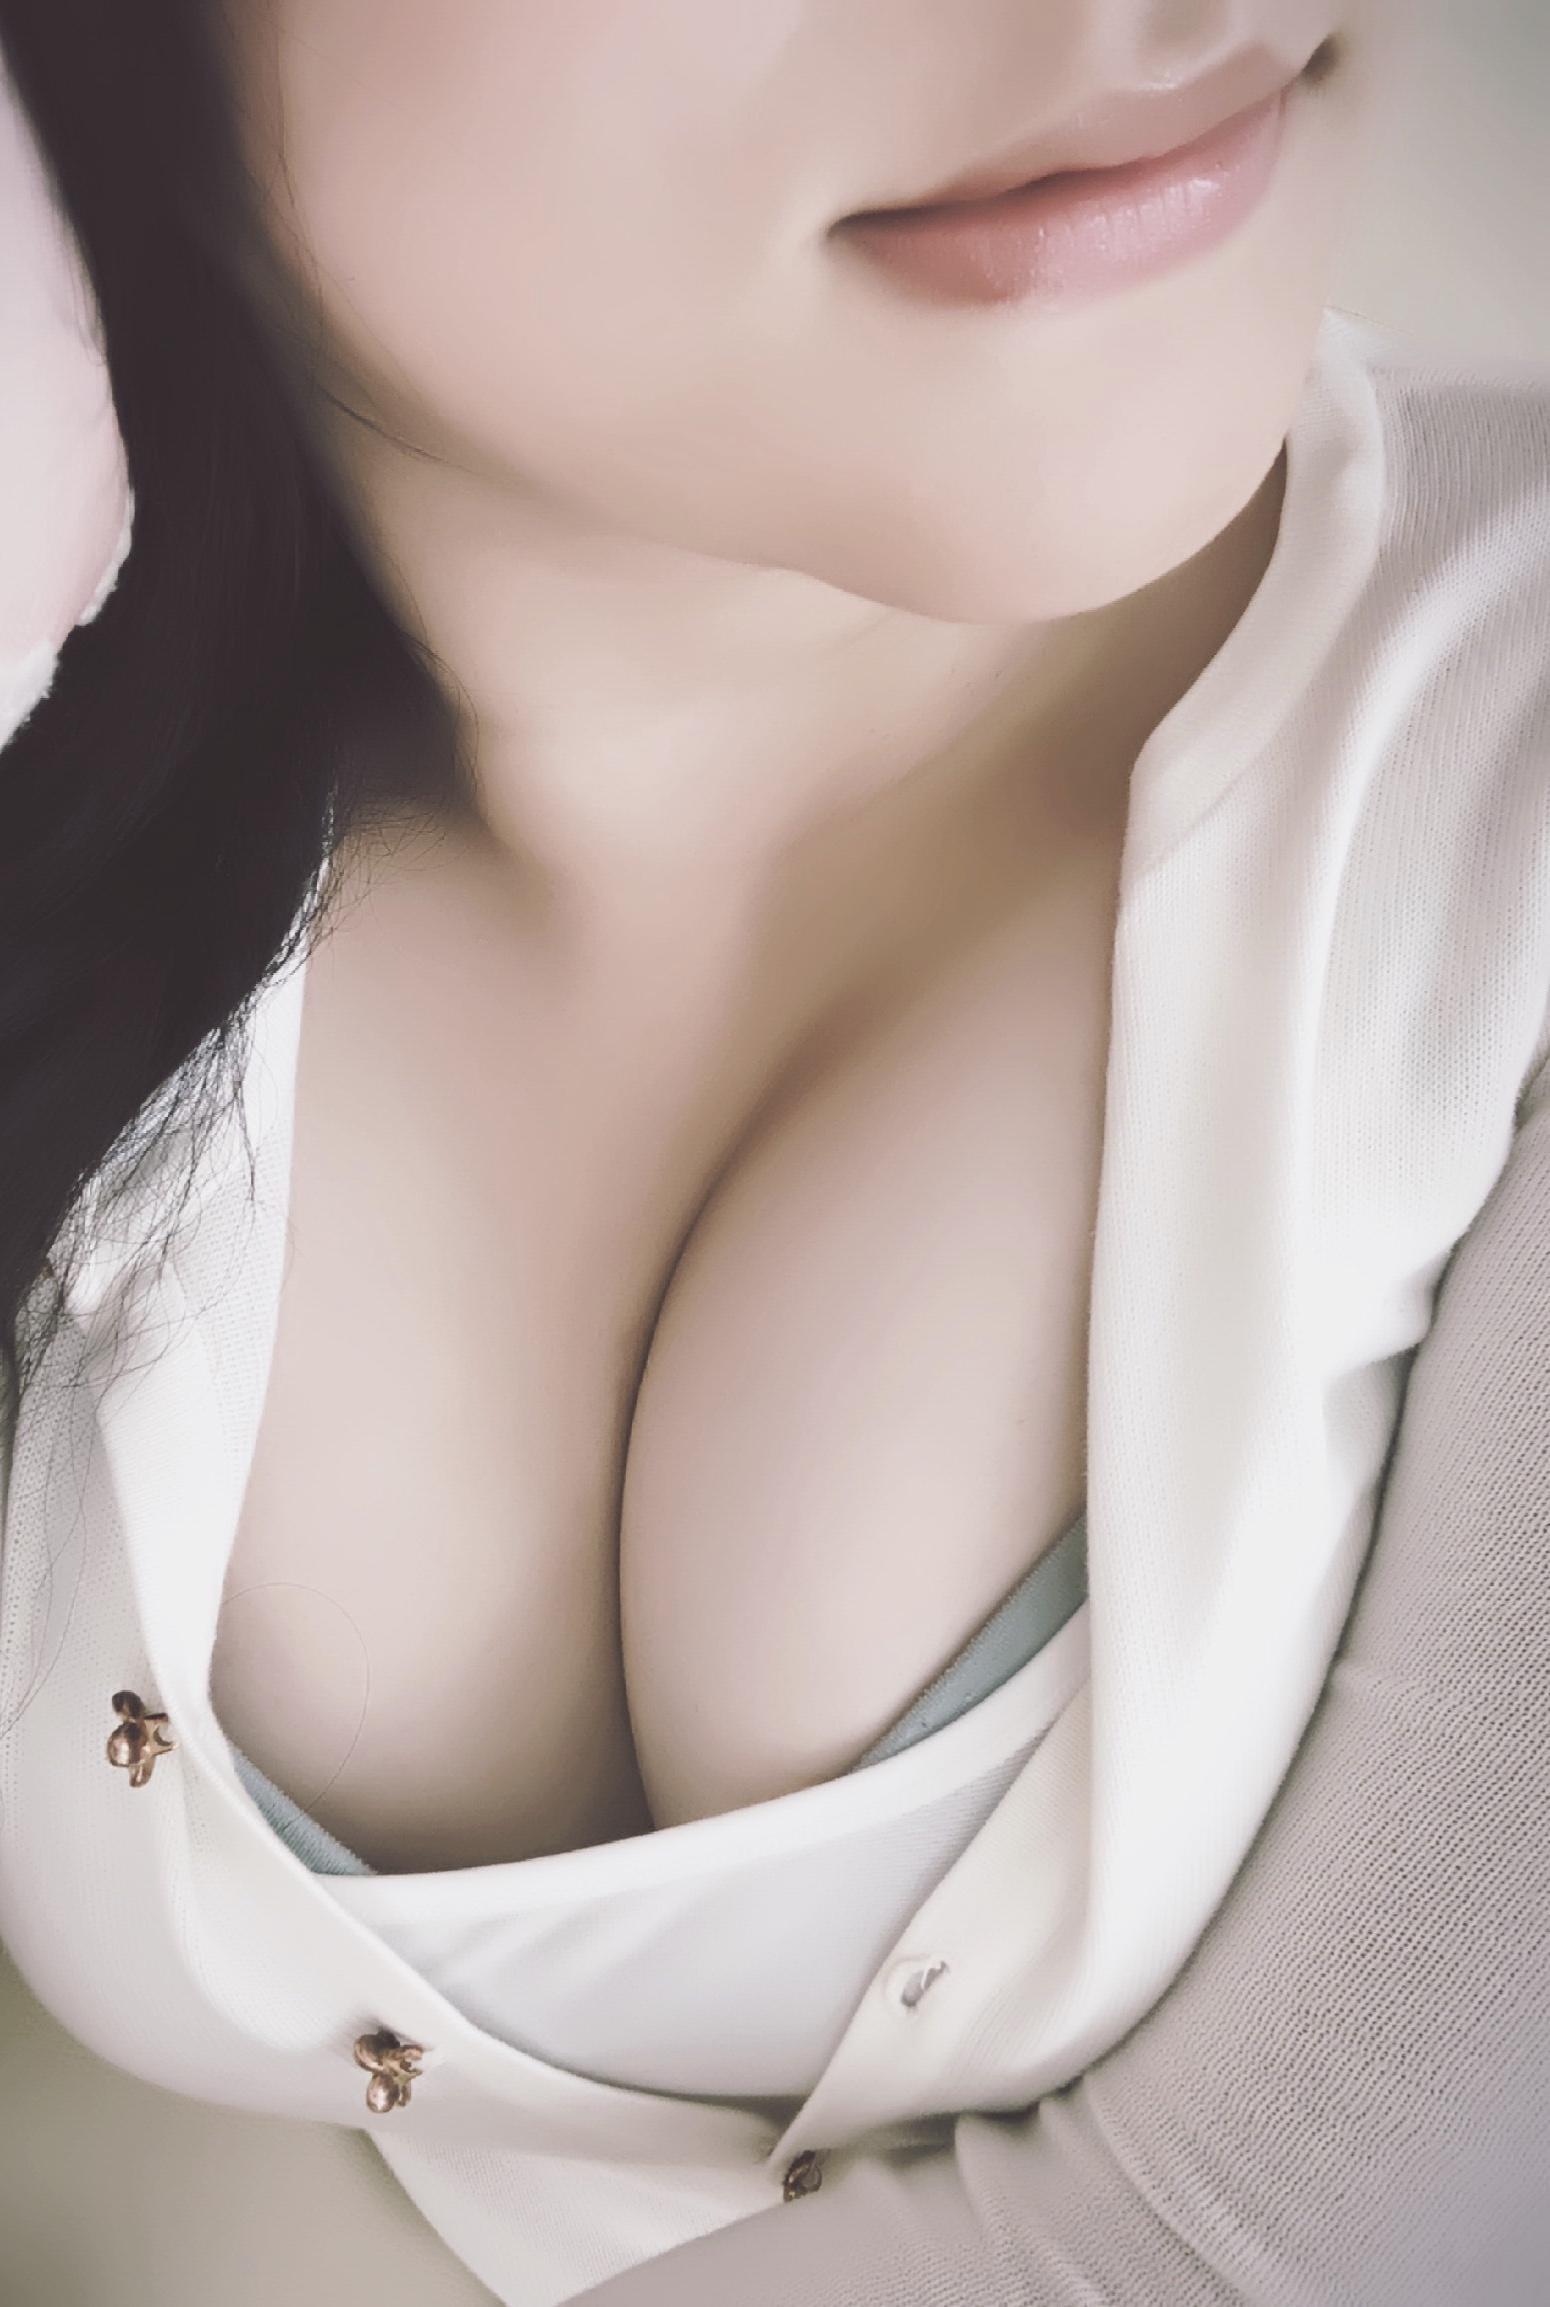 「こんにちわ」10/21(10/21) 15:25 | りえちゃんの写メ・風俗動画